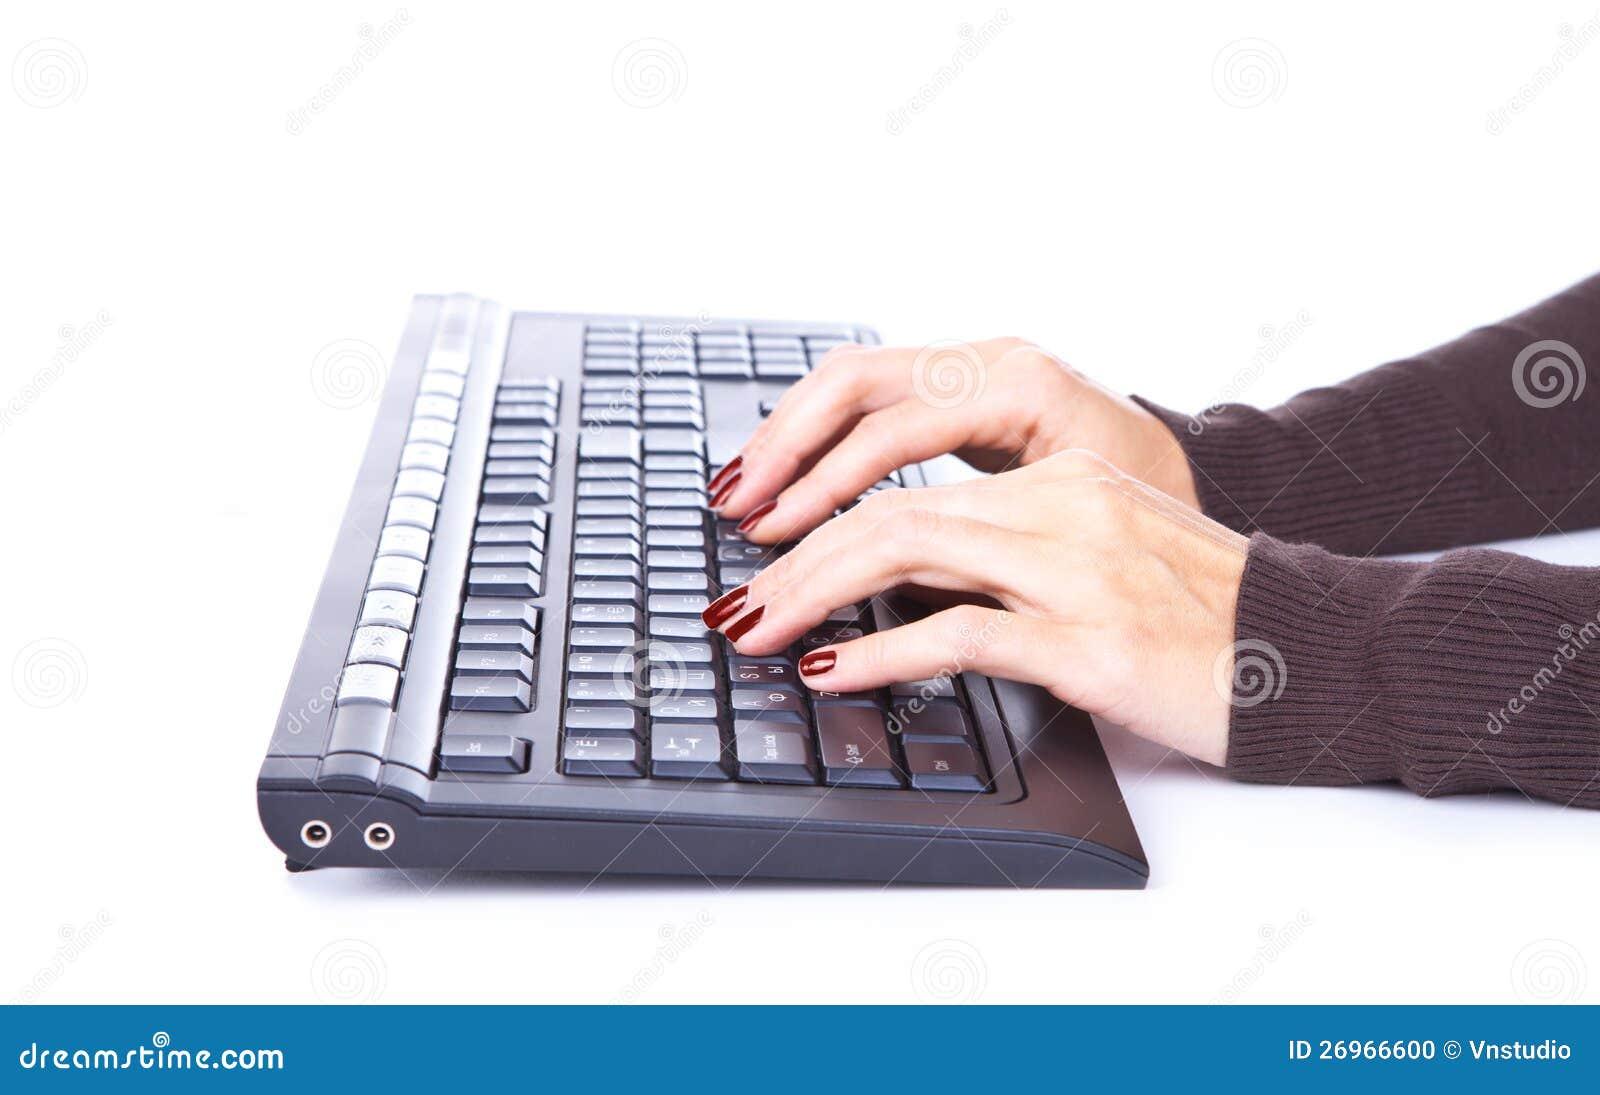 Taper sur le clavier.